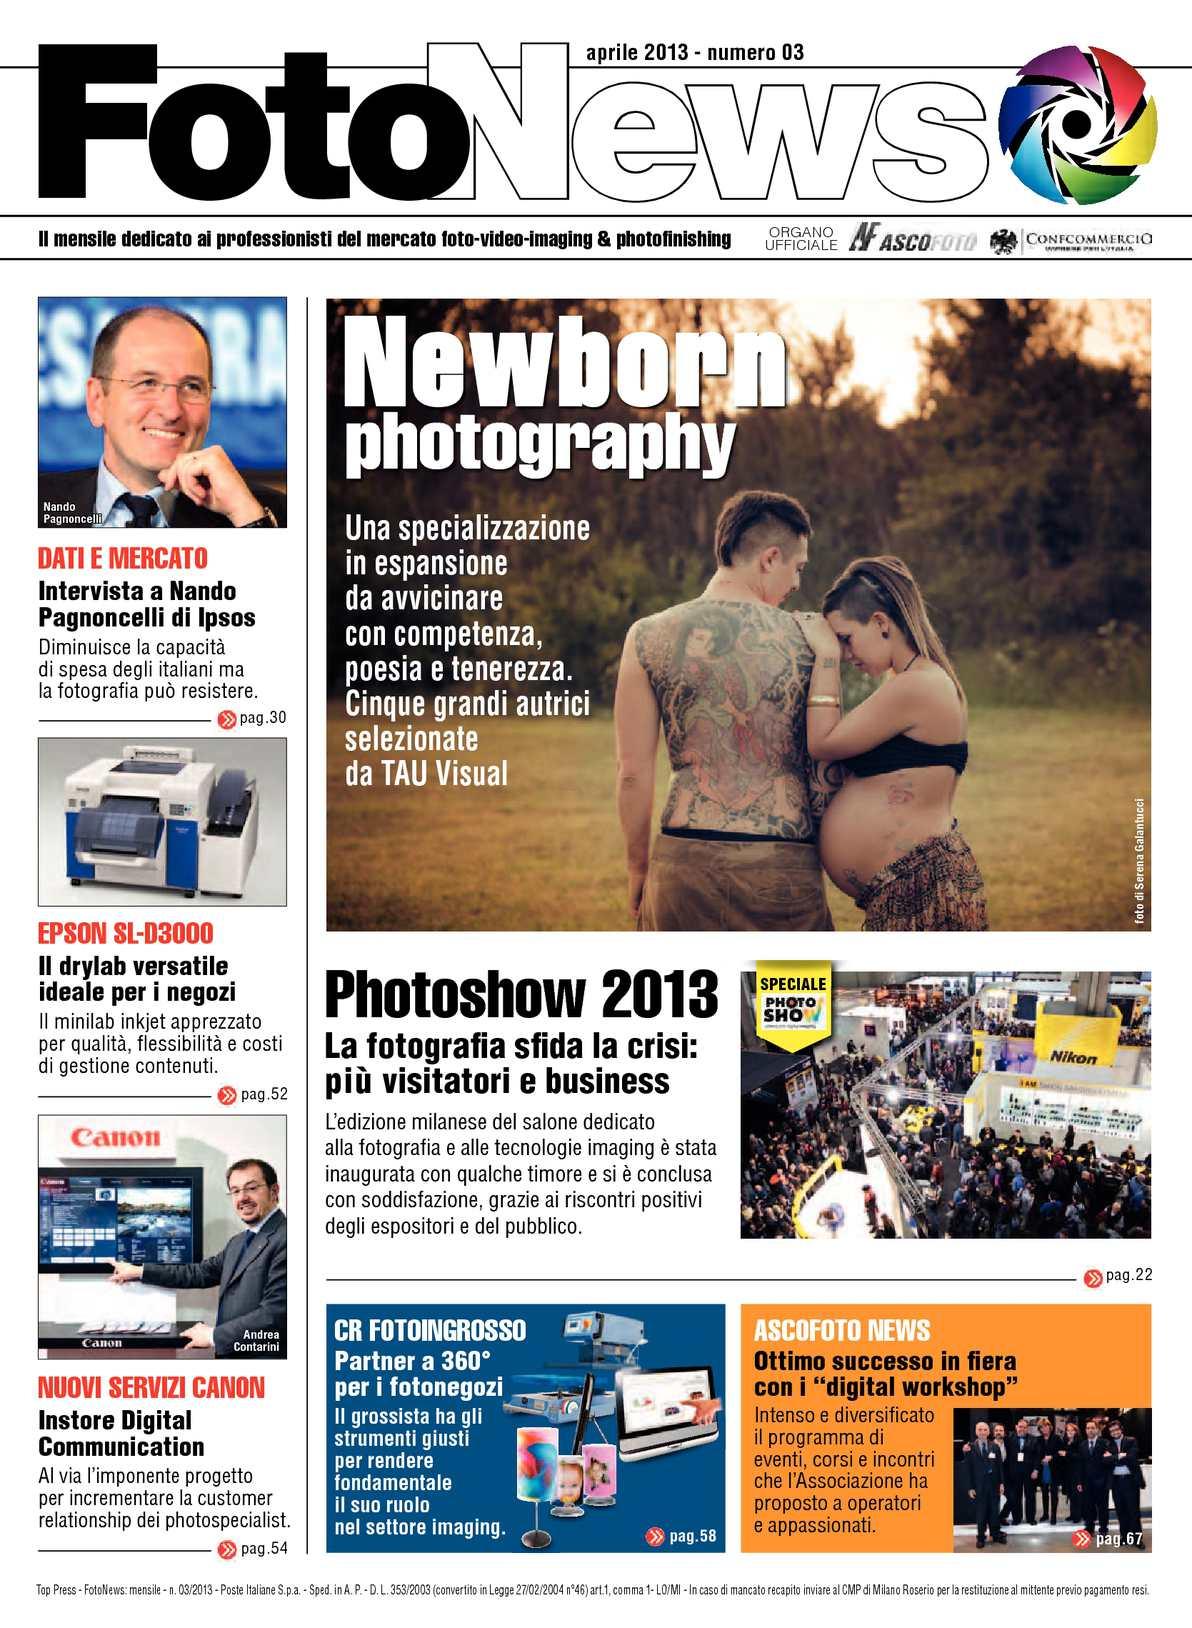 FotoNews 03/2013